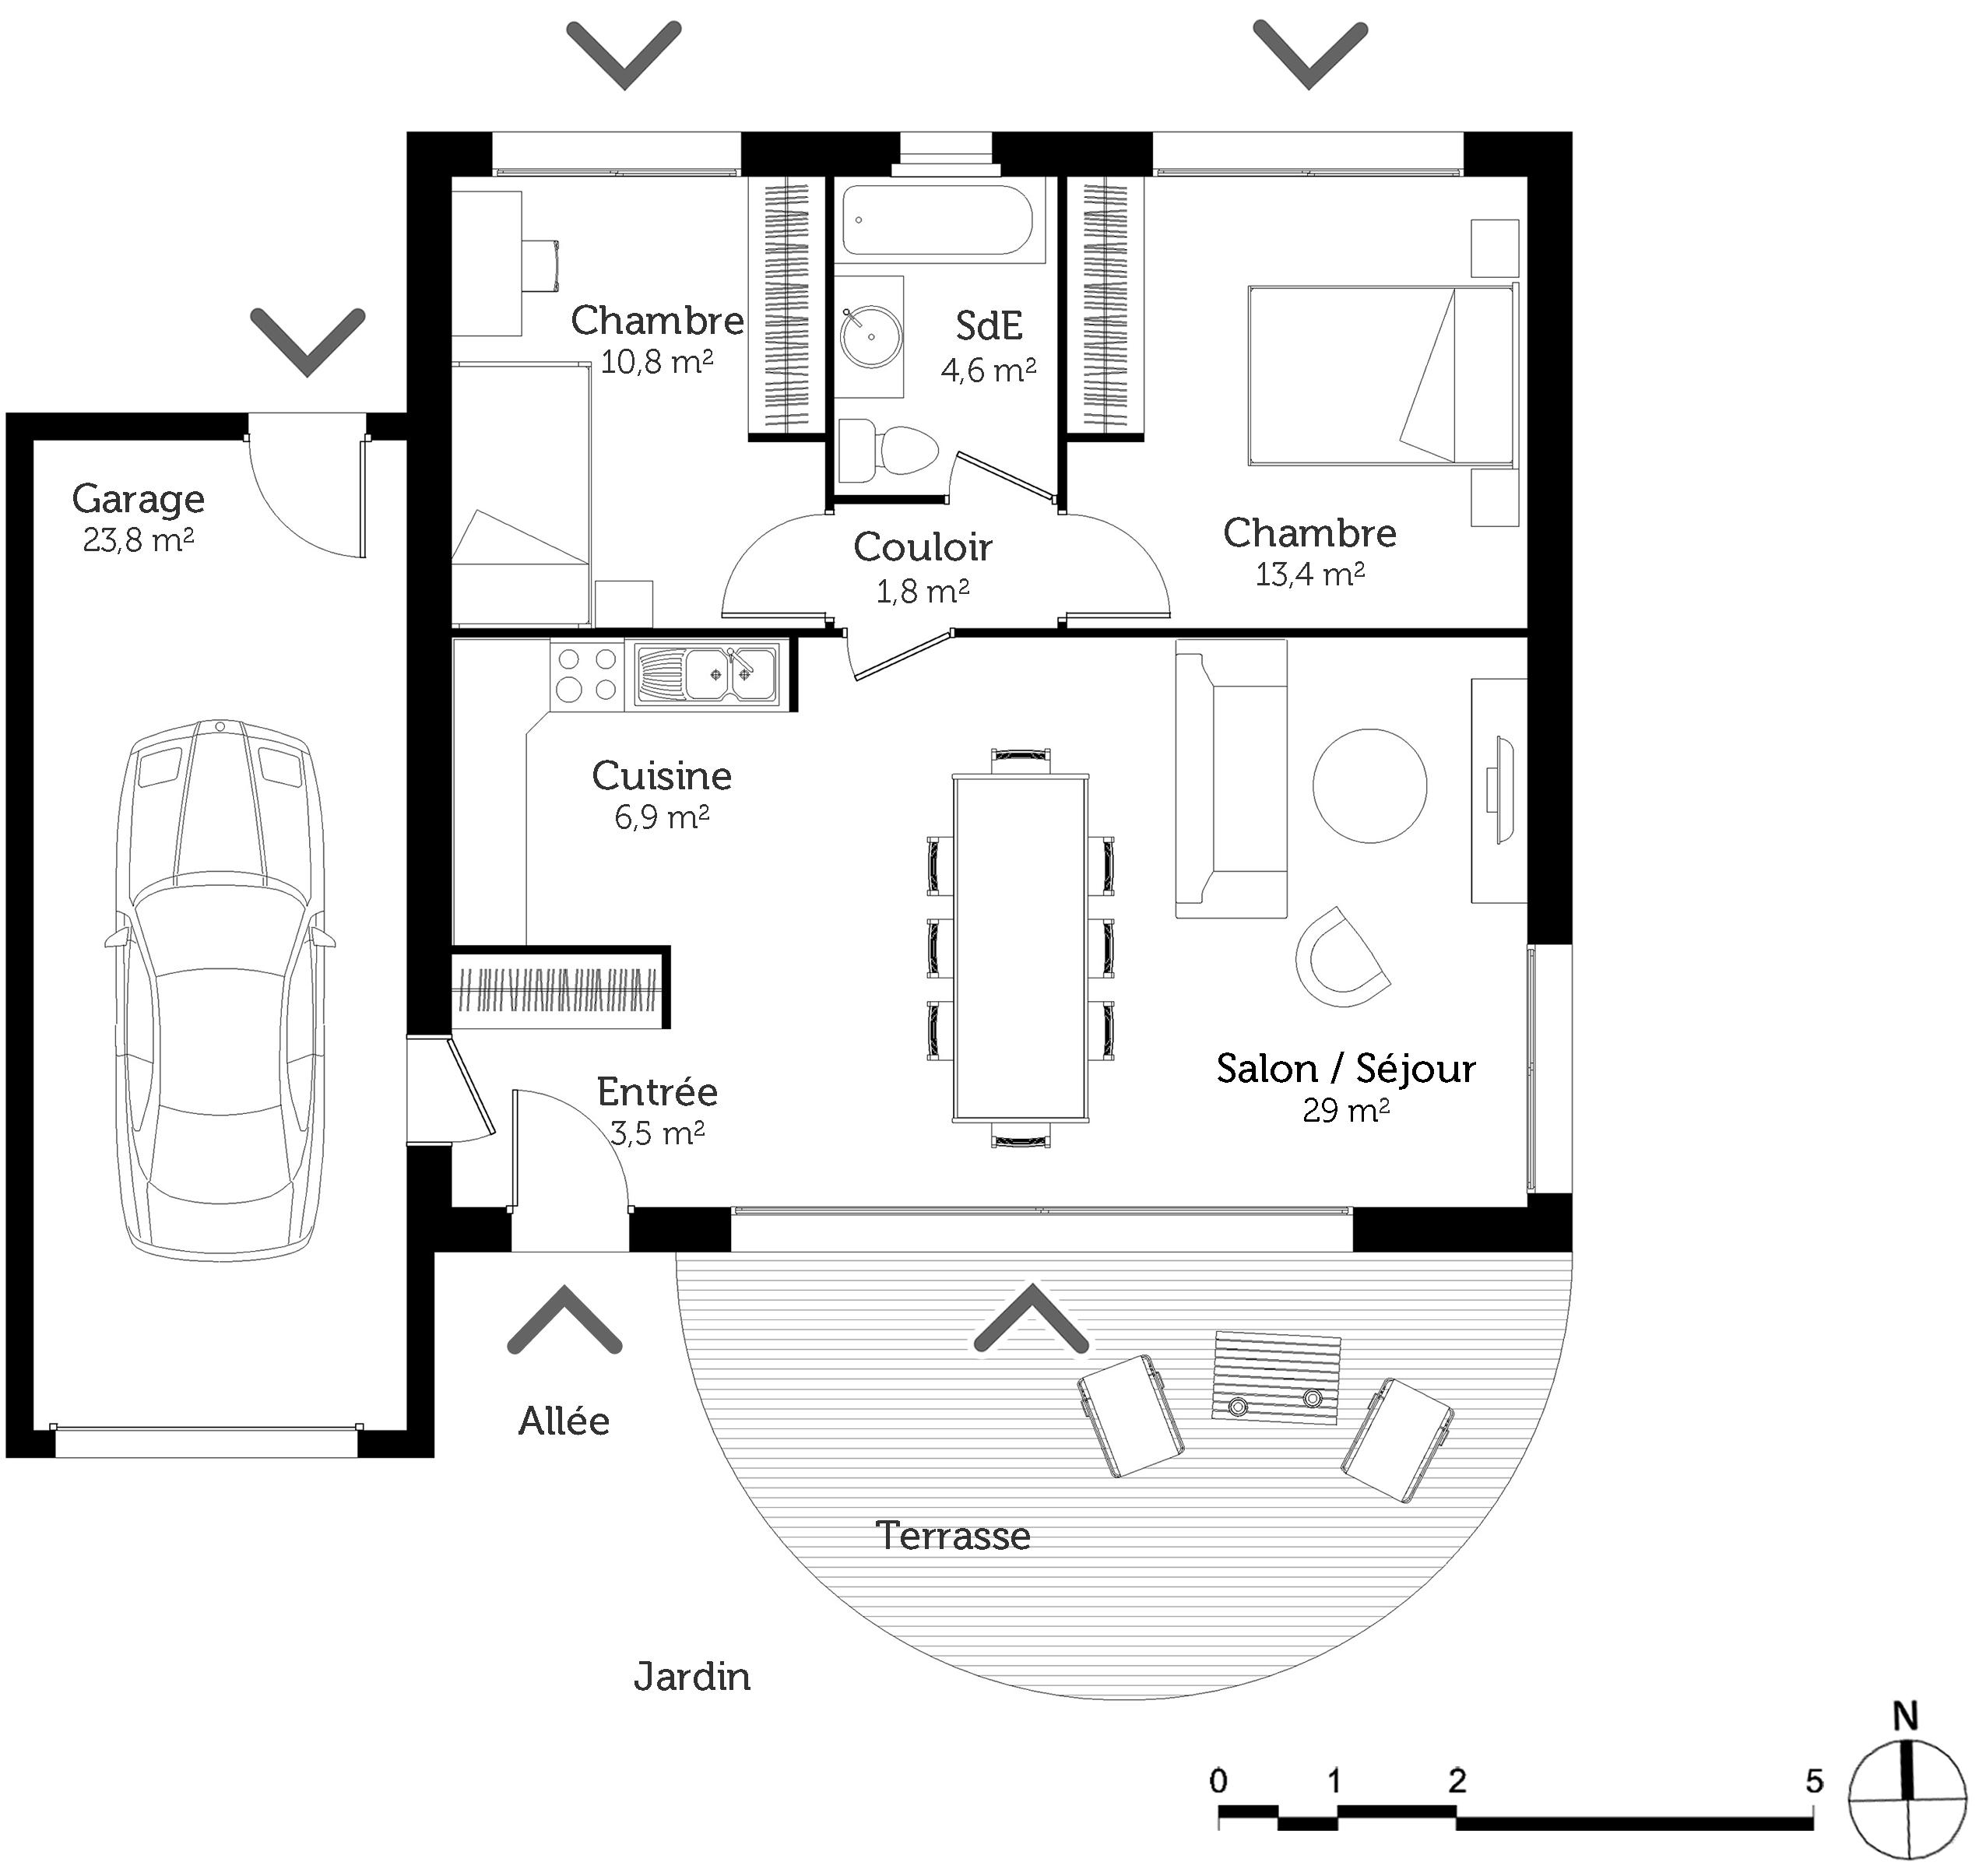 Plan Maison 70 M Avec 2 Chambres Ooreka